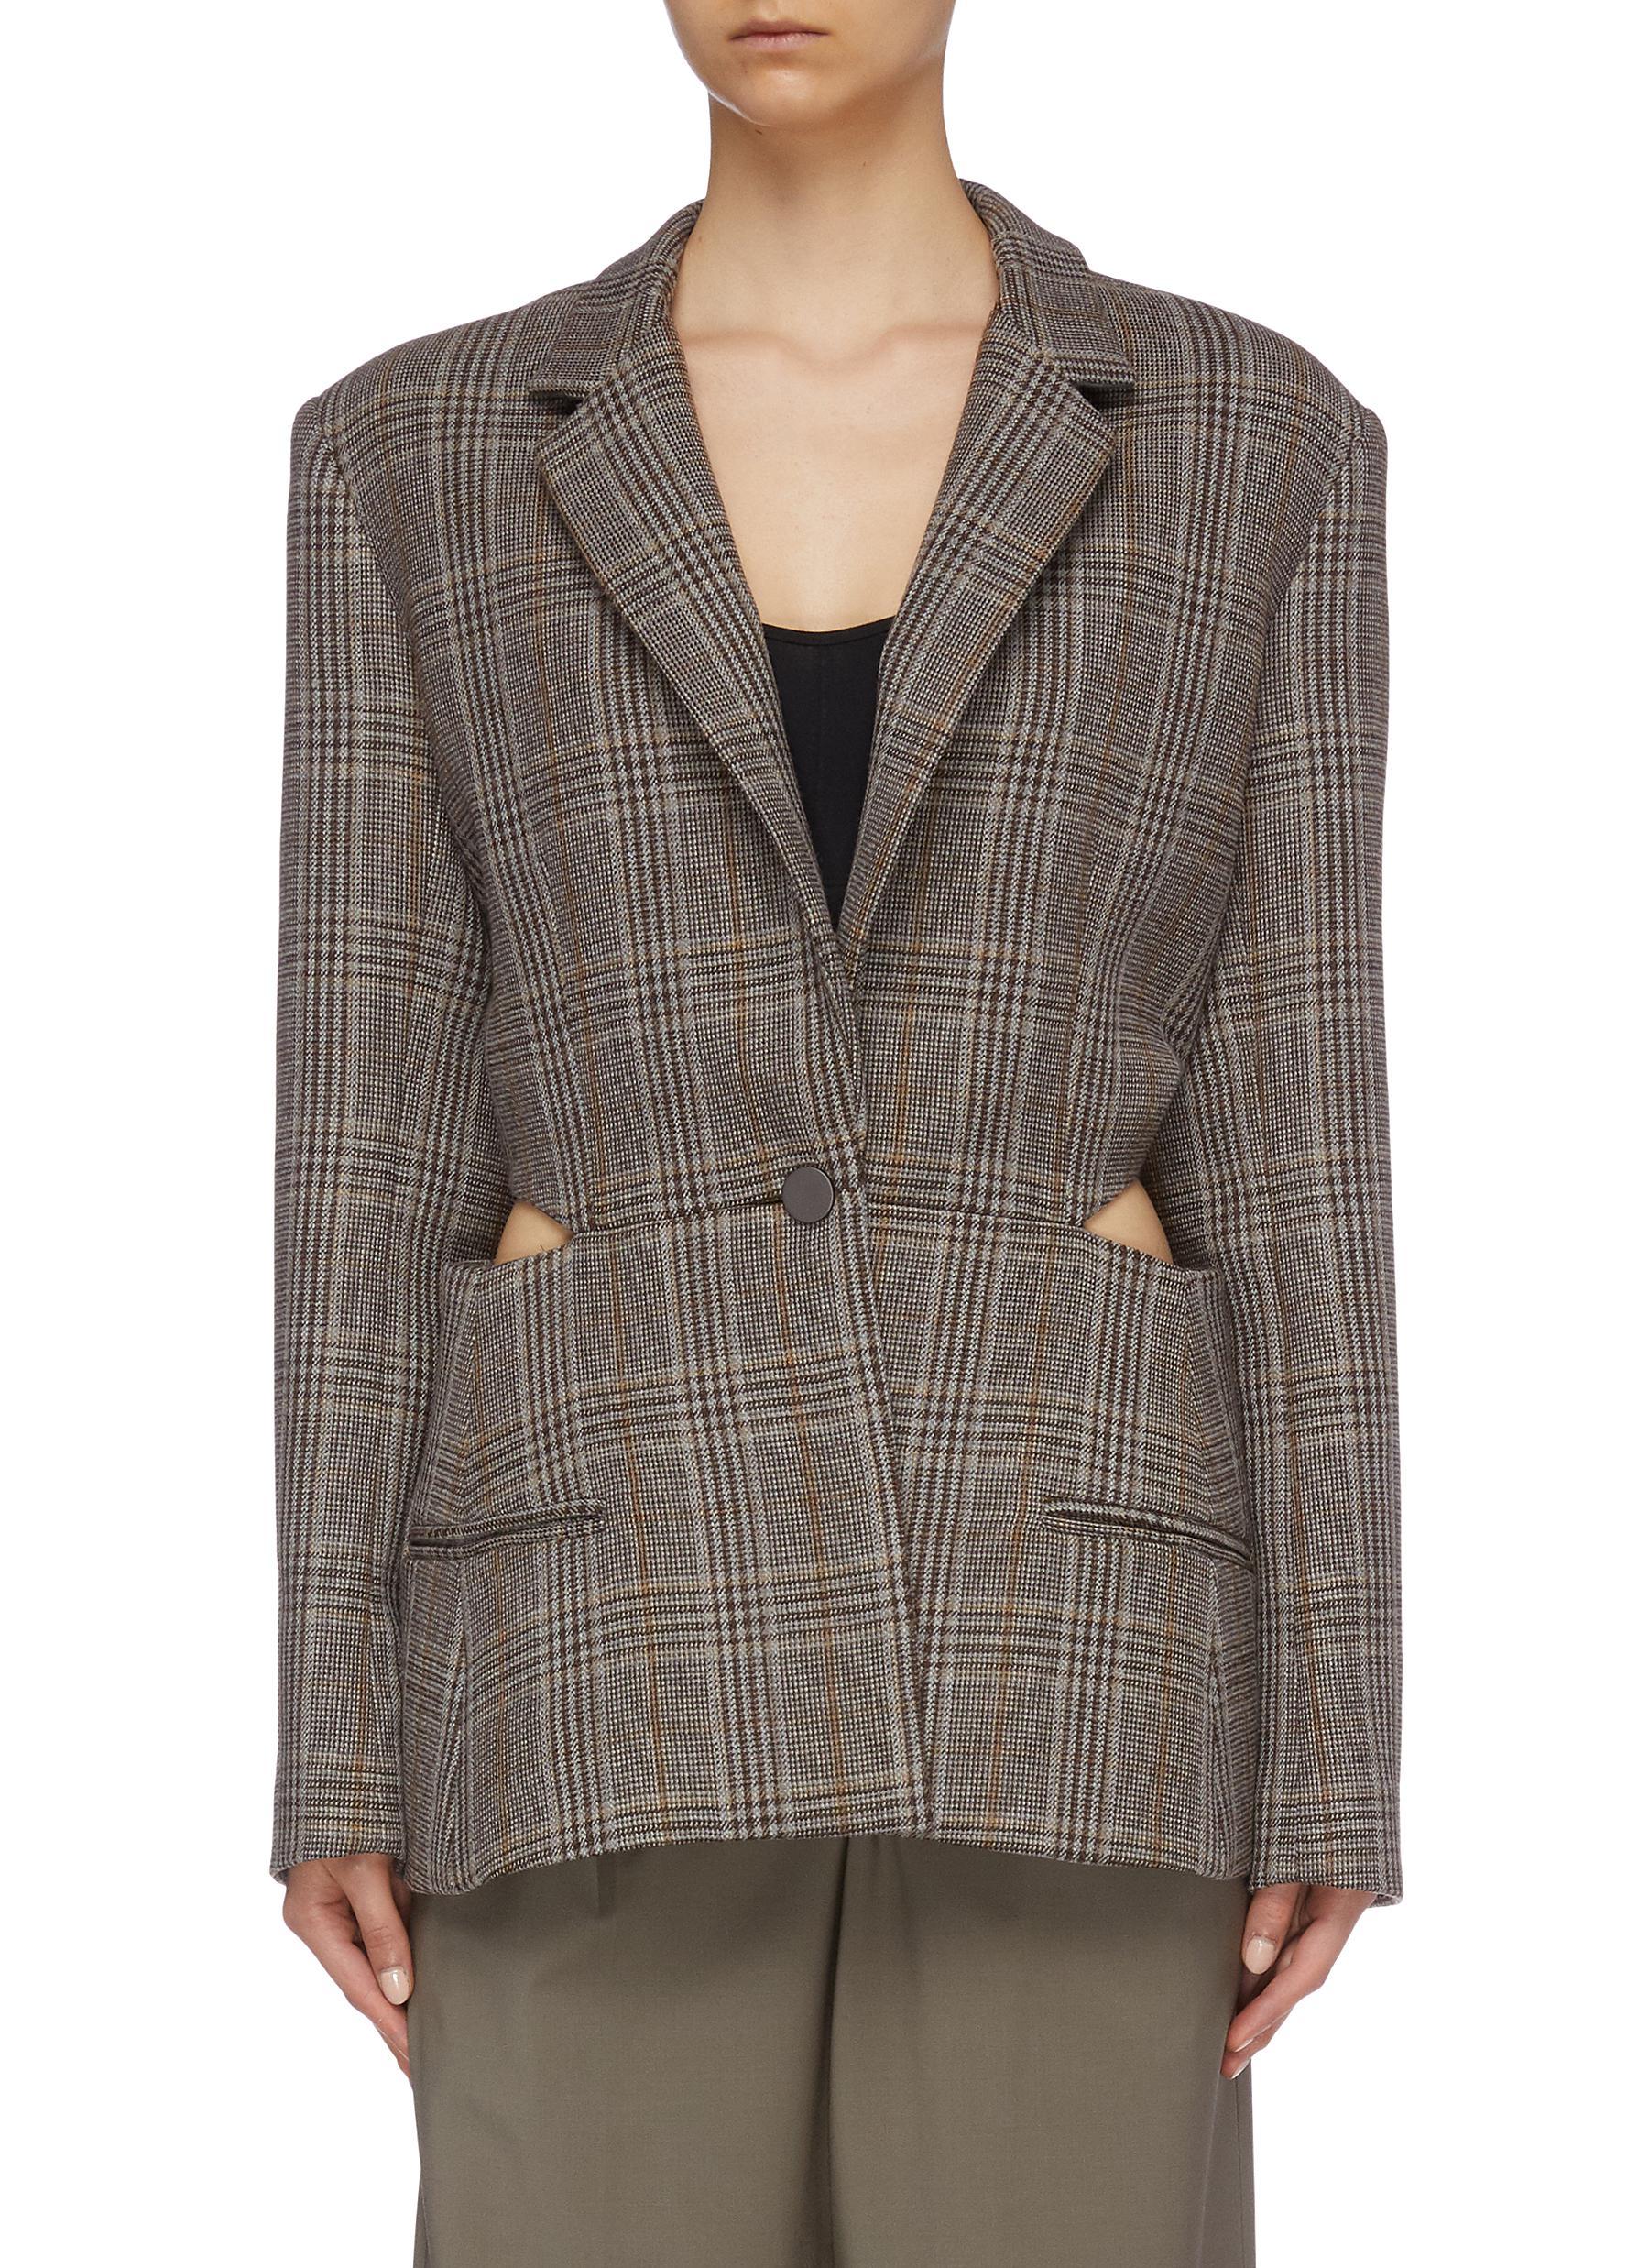 Tie cutout back check plaid blazer by Christopher Esber